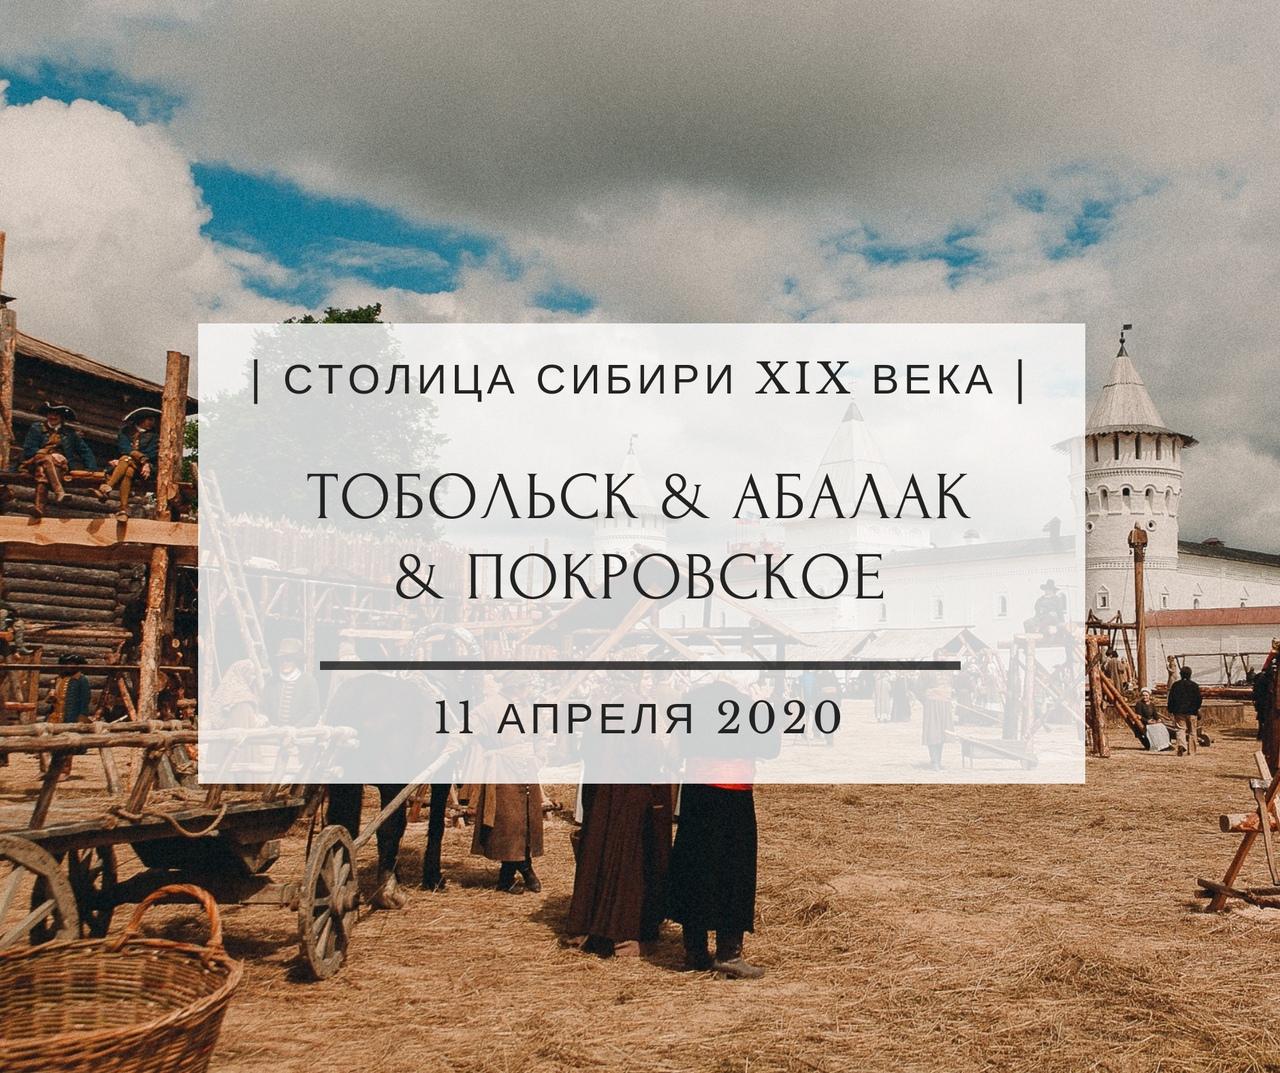 Афиша ТОБОЛЬСК & АБАЛАК & ПОКРОВСКОЕ / 11 АПРЕЛЯ